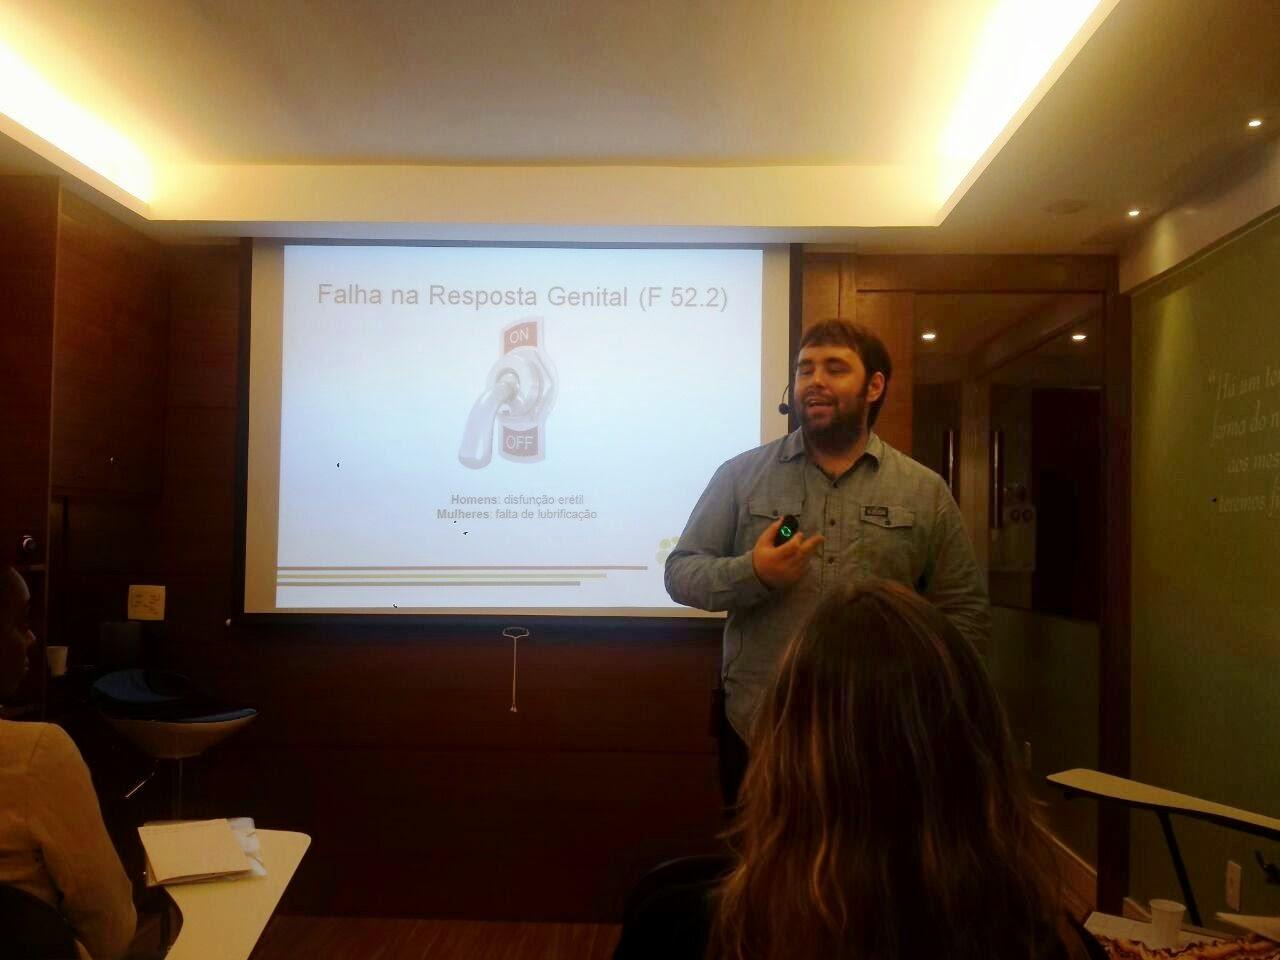 Esequias Caetano ministra curso sobre Disfunções Sexuais na Atitude Cursos de Brasília 7